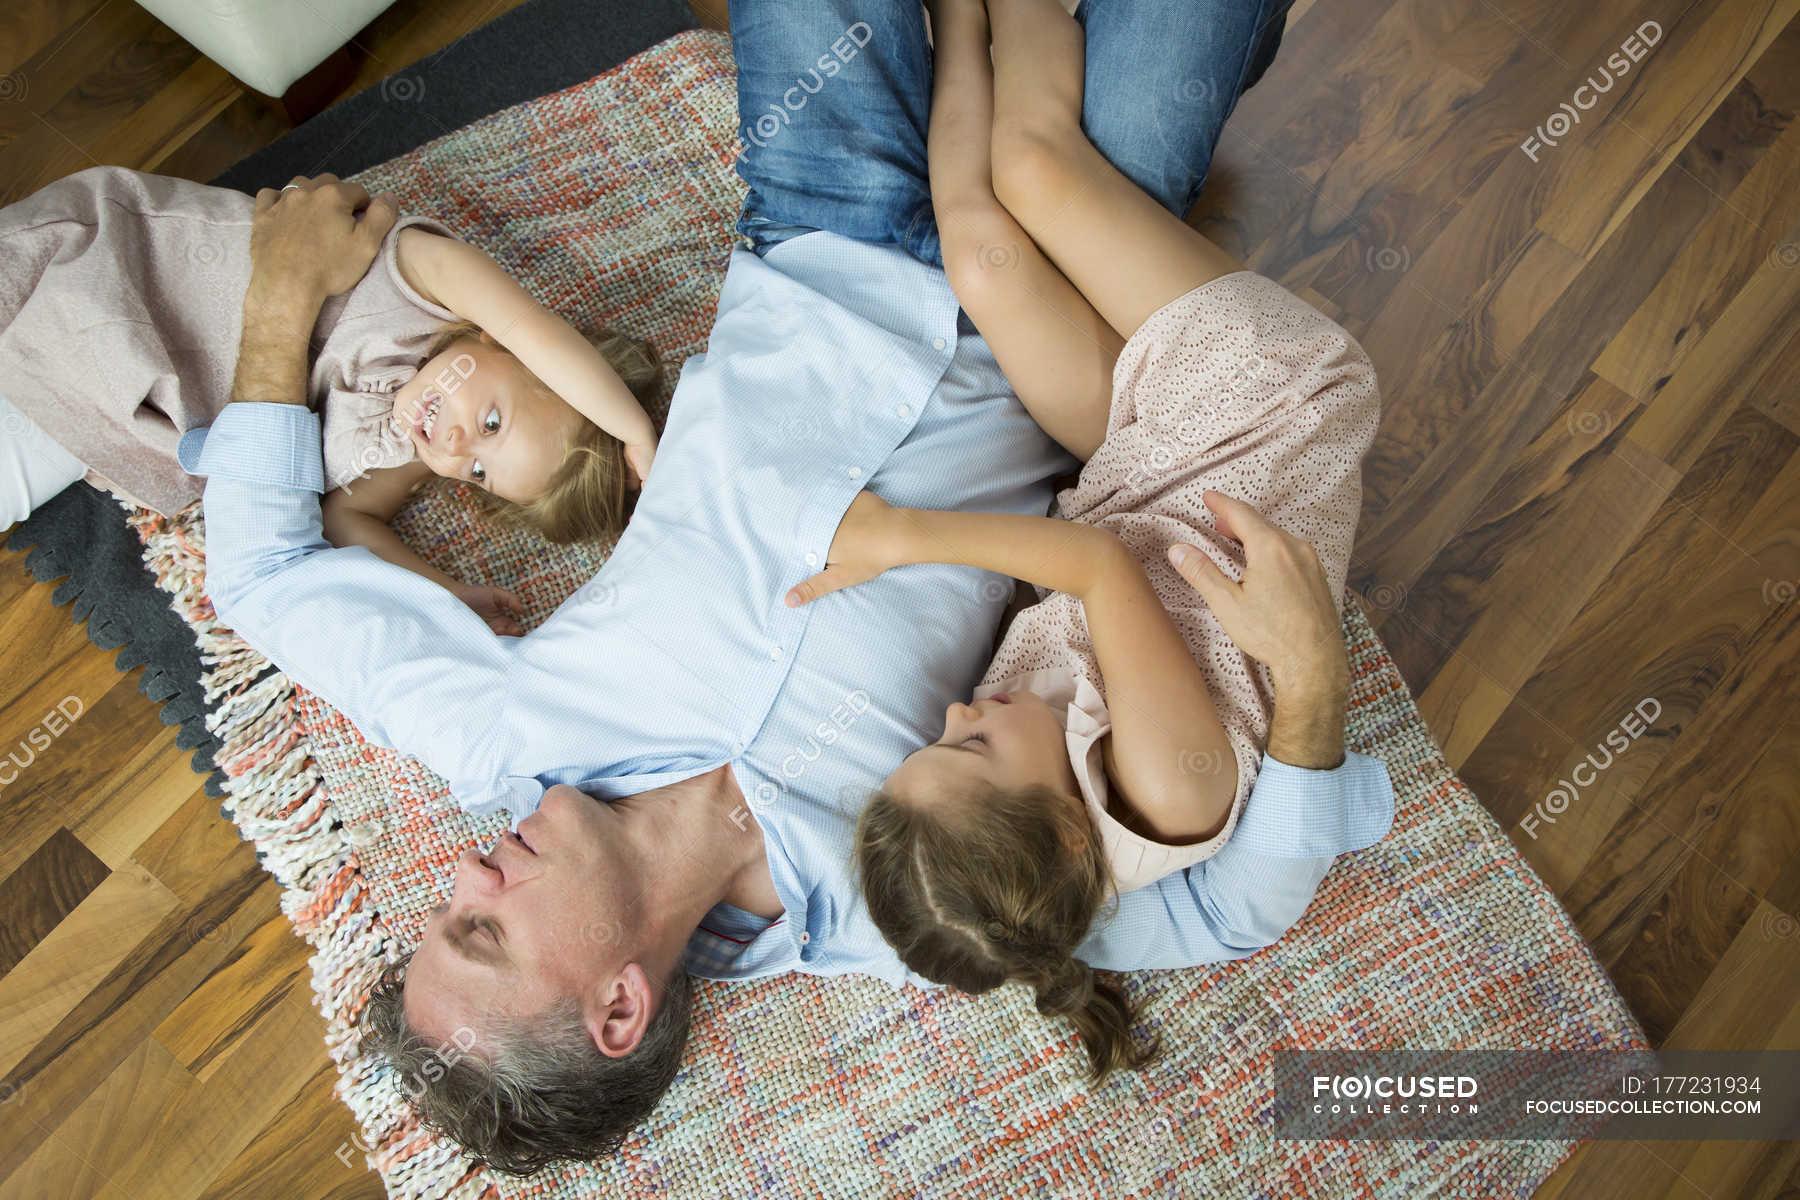 Фото секса пап с дочерьми, Секс папы с дочкой. Смотреть отец с дочкой порно фото 17 фотография